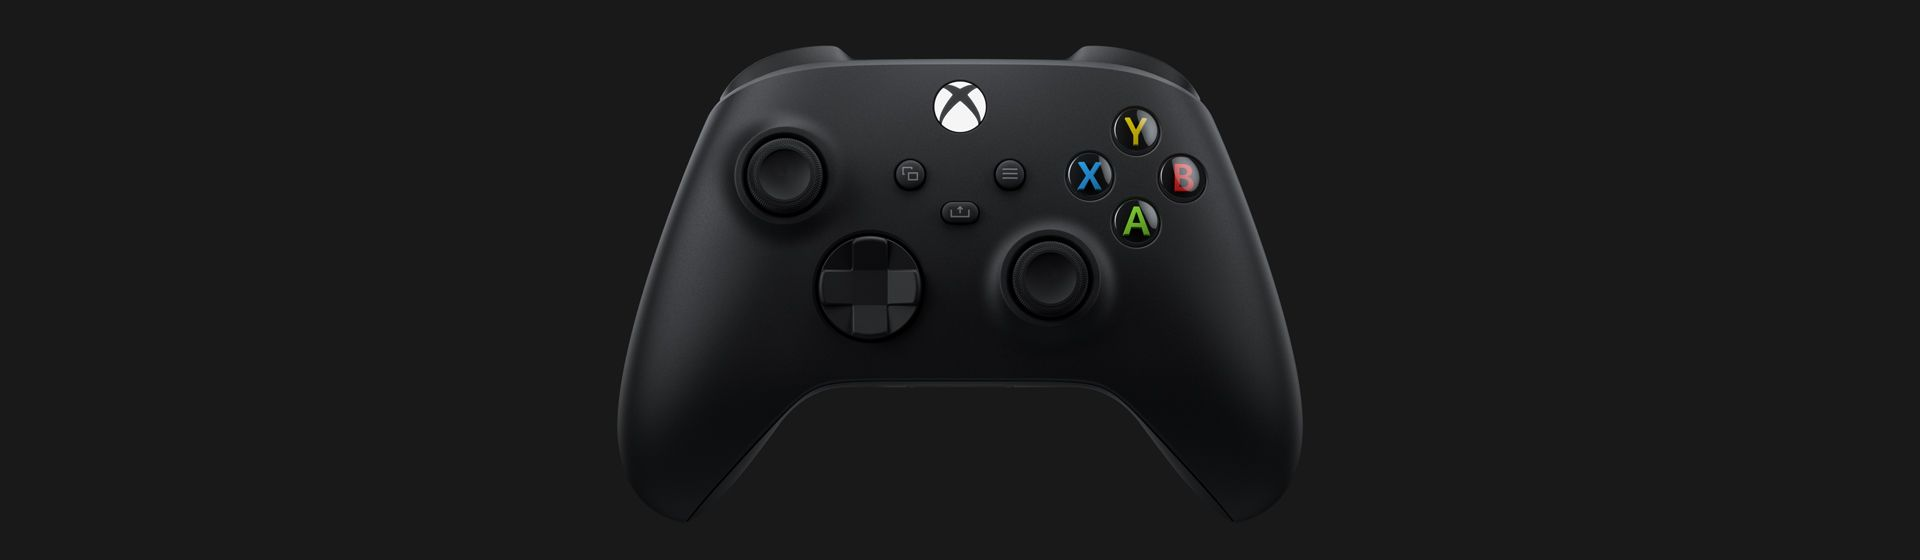 Xbox Series X: controle recebe melhorias e novidades; confira